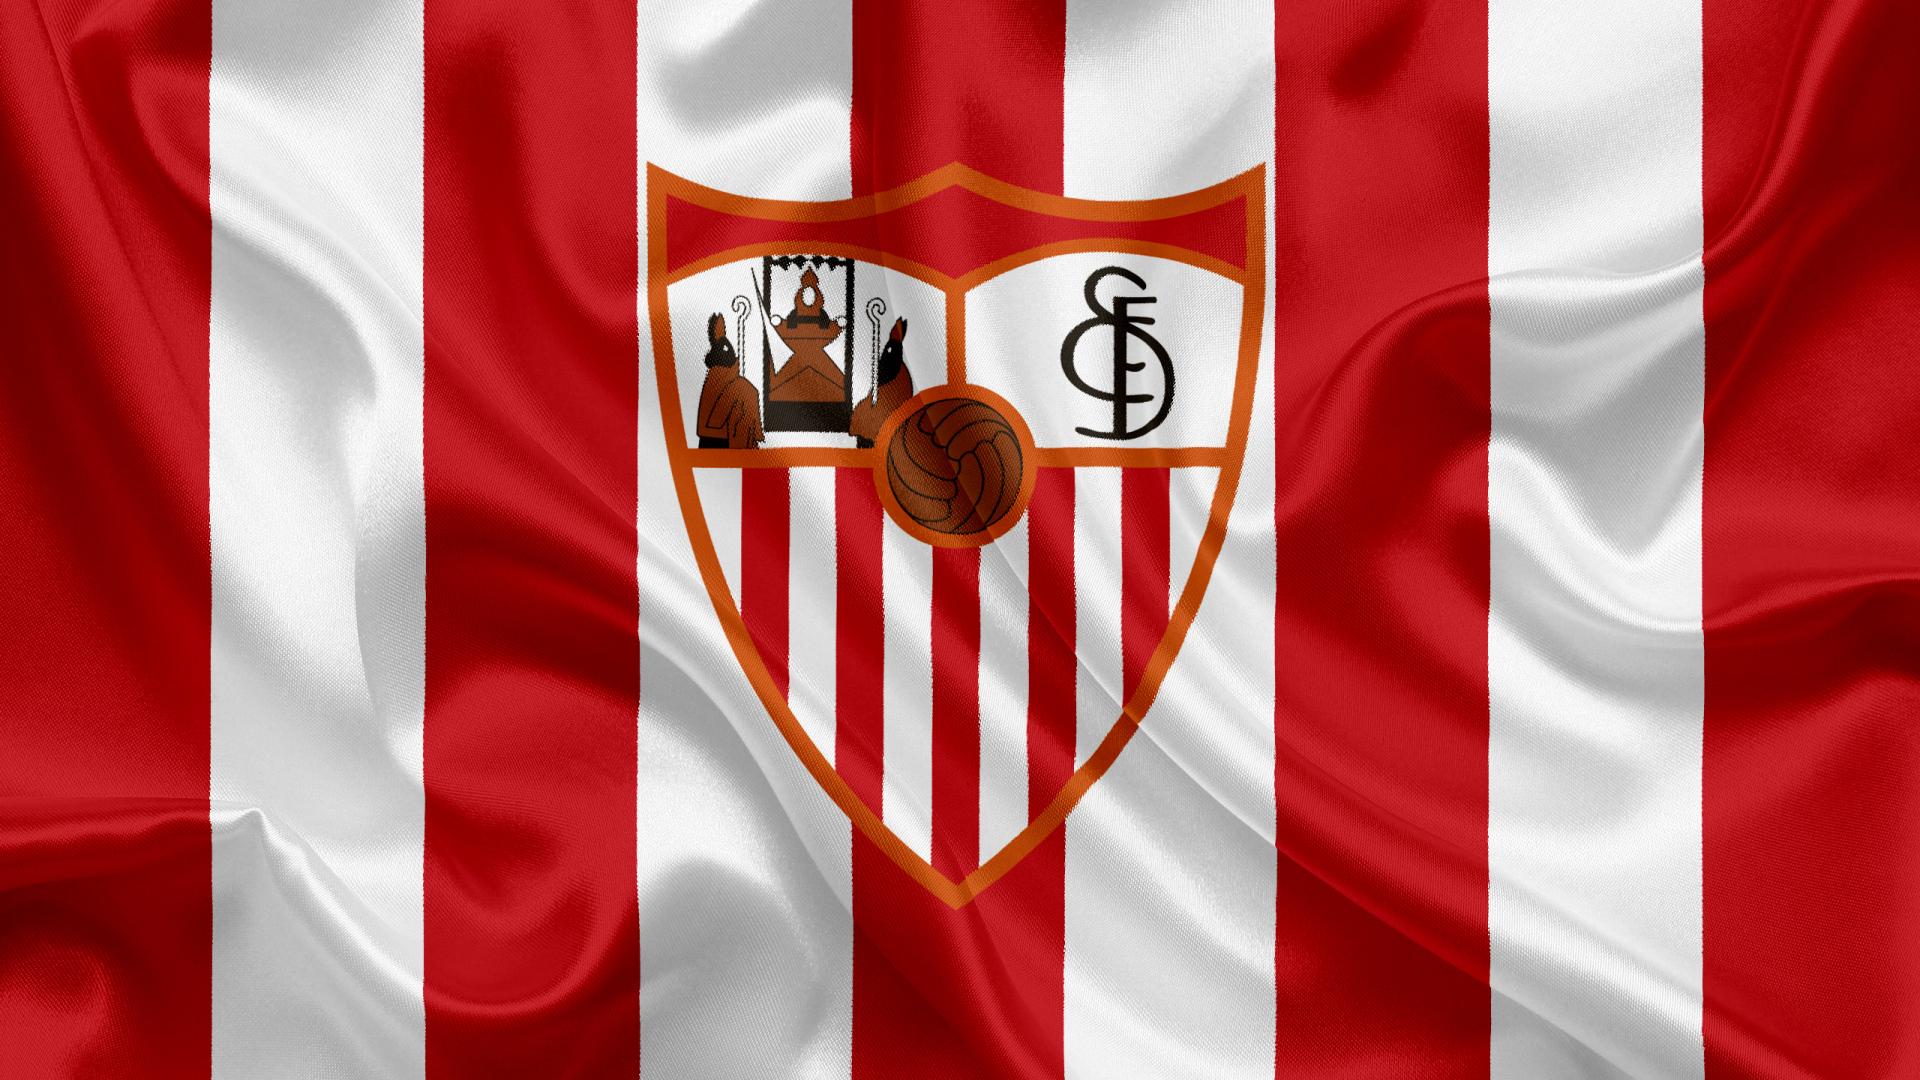 Sevilla FC. Desktop wallpaper. 1920x1080